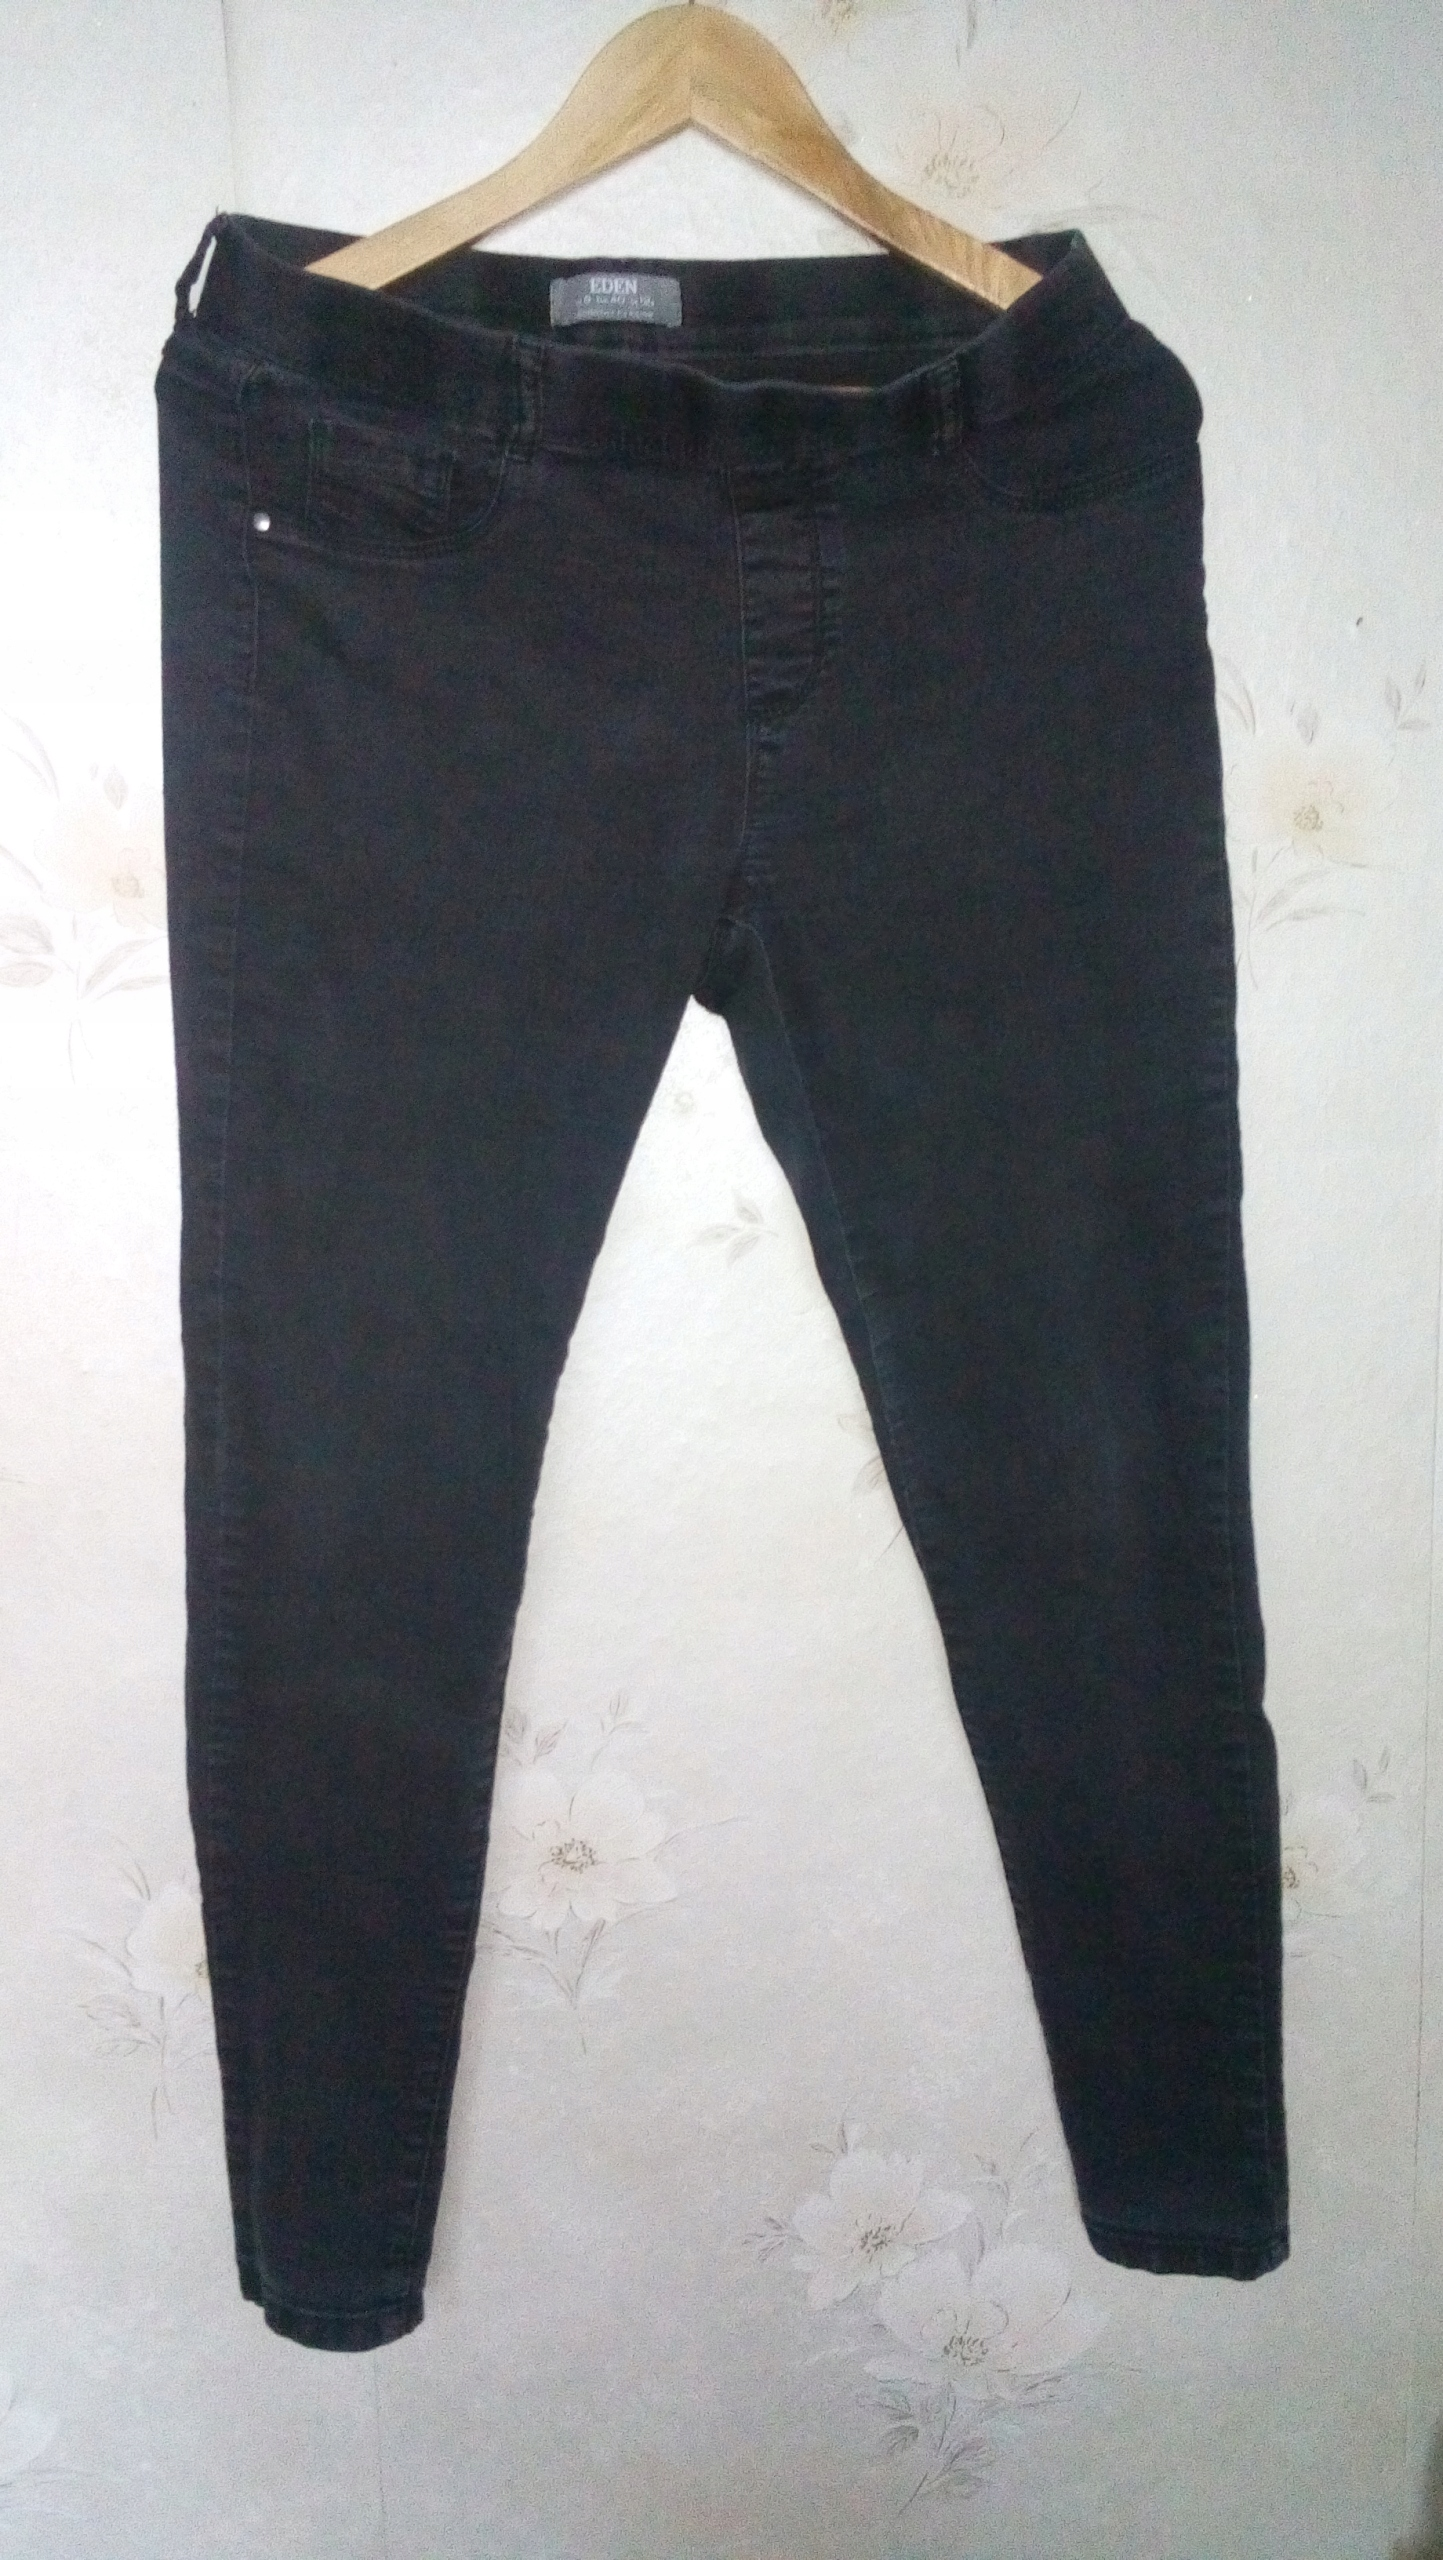 jegginsy dorothy perkins-eden jeans w zalando 129